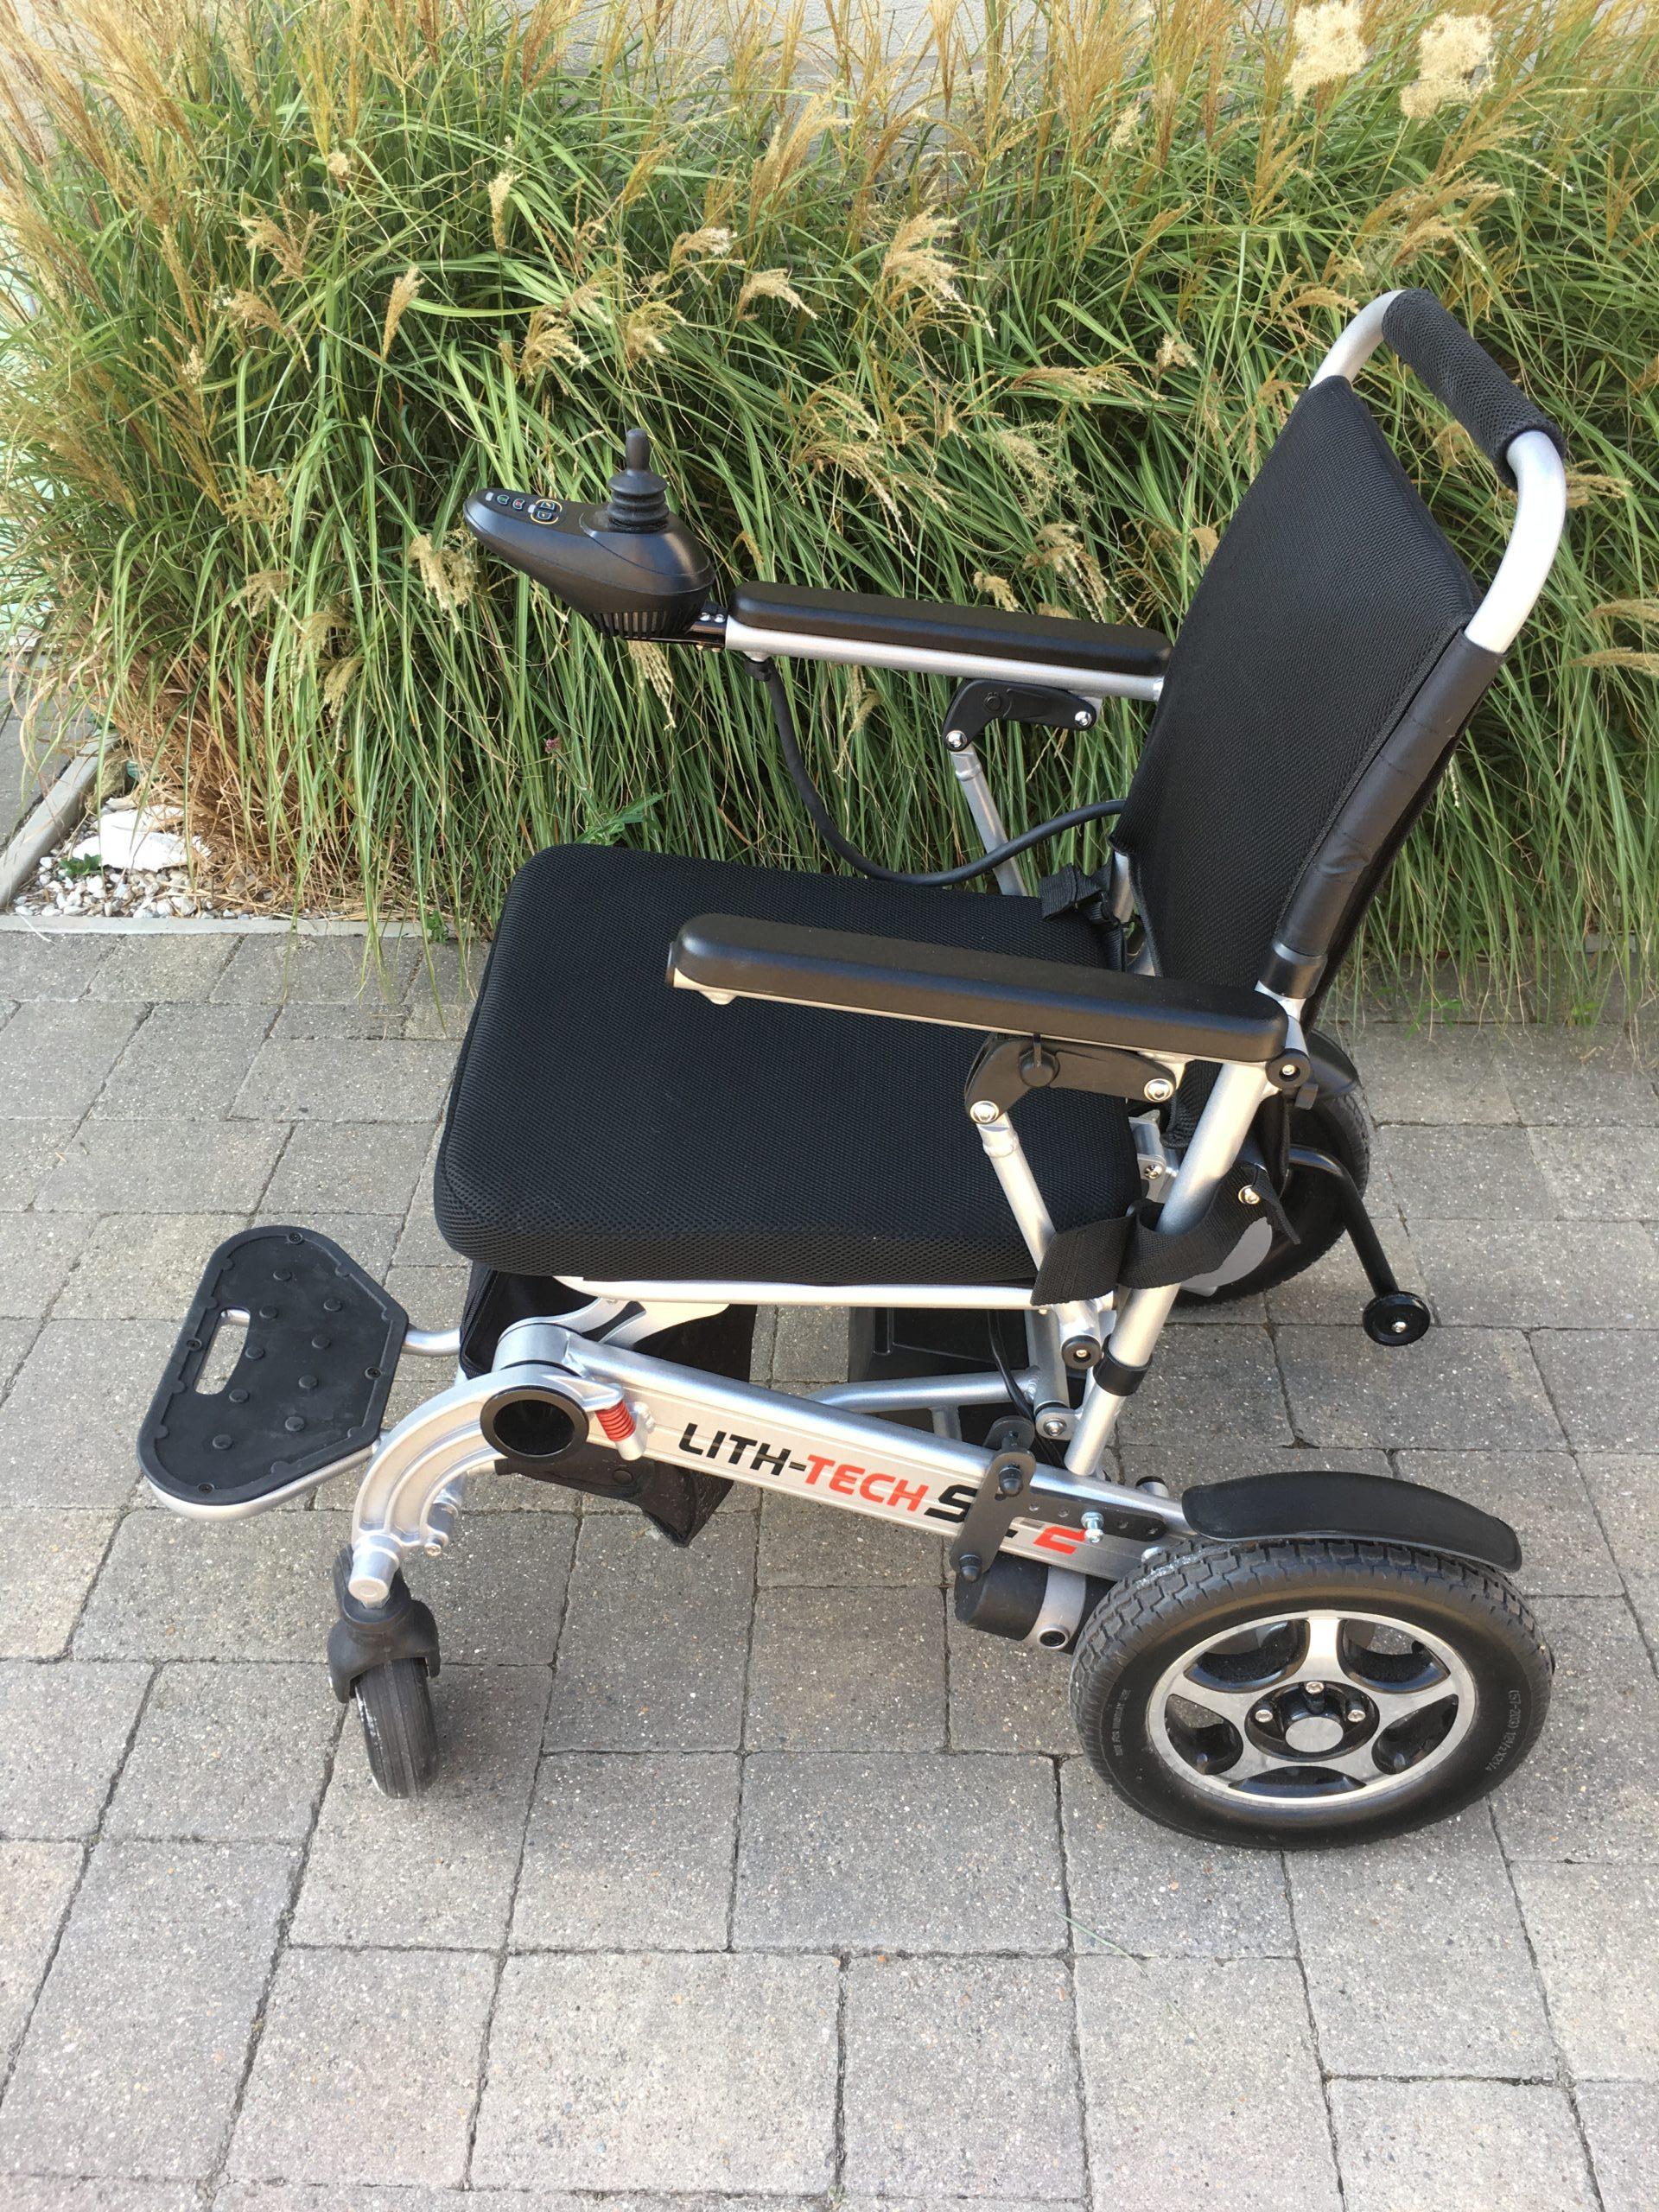 Lith-Tech Smart Chair 2 8